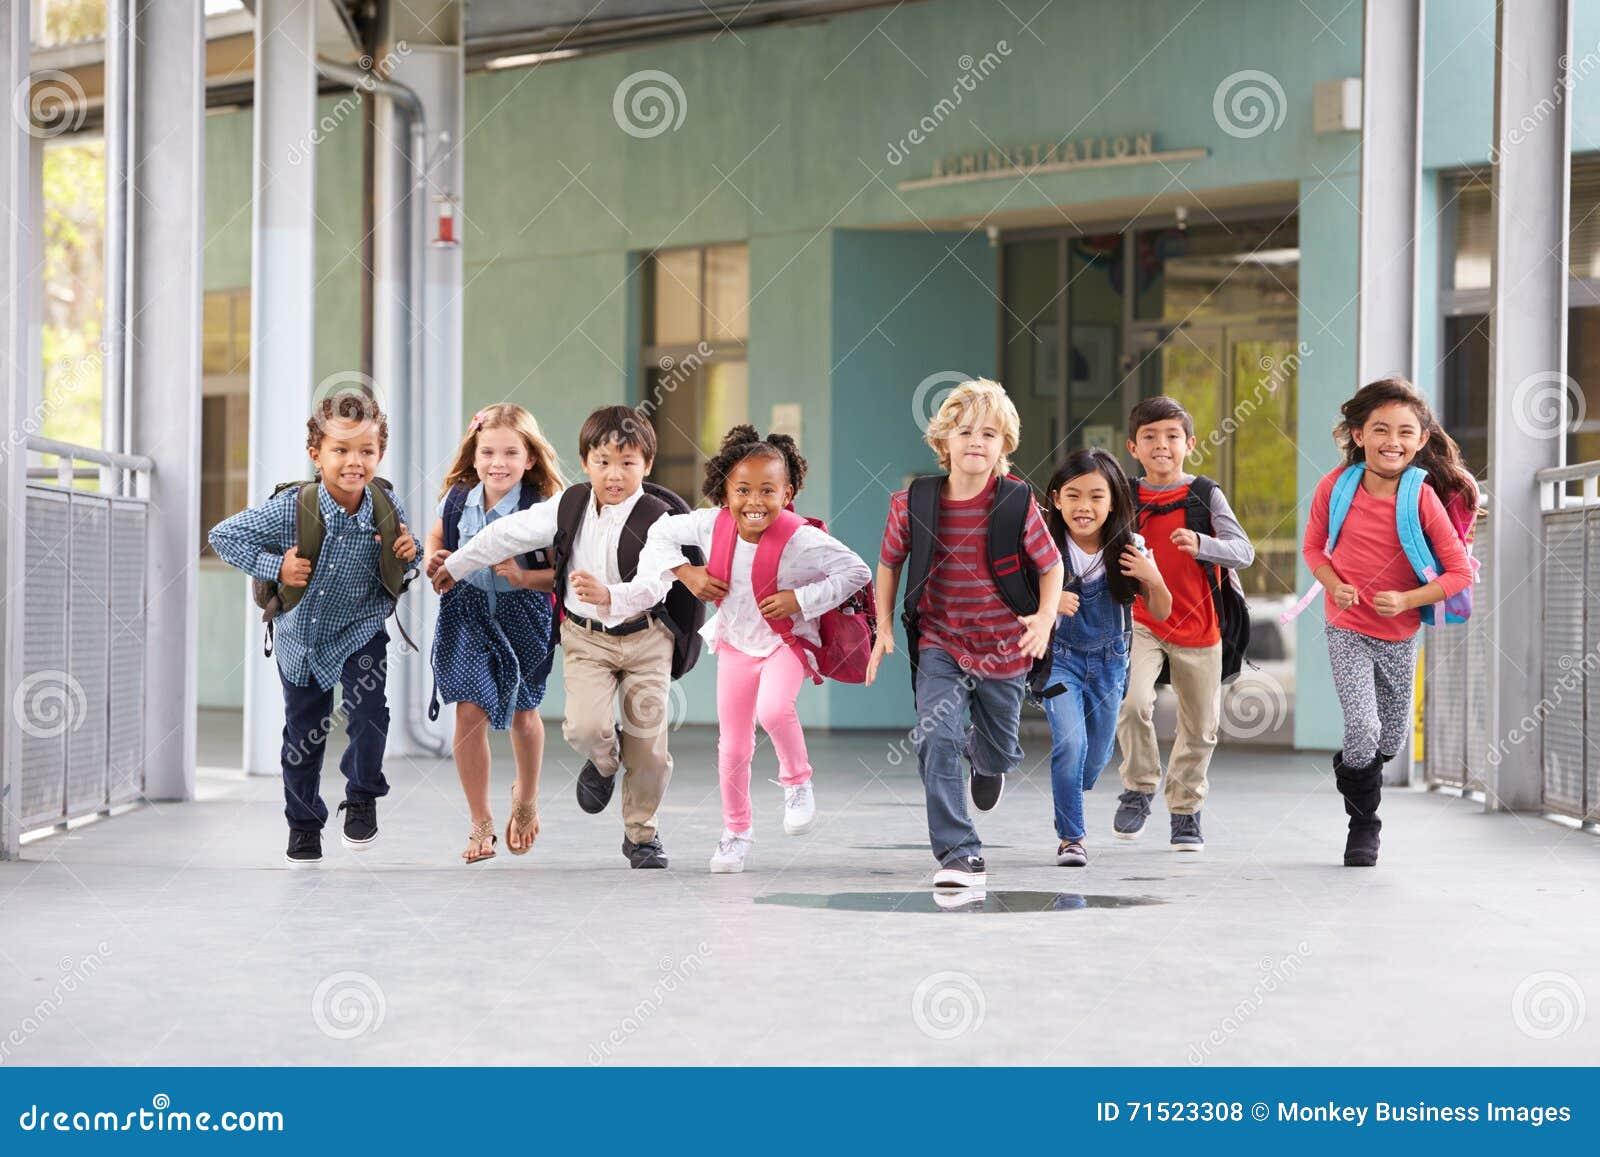 El grupo de escuela primaria embroma el funcionamiento en un pasillo de la escuela